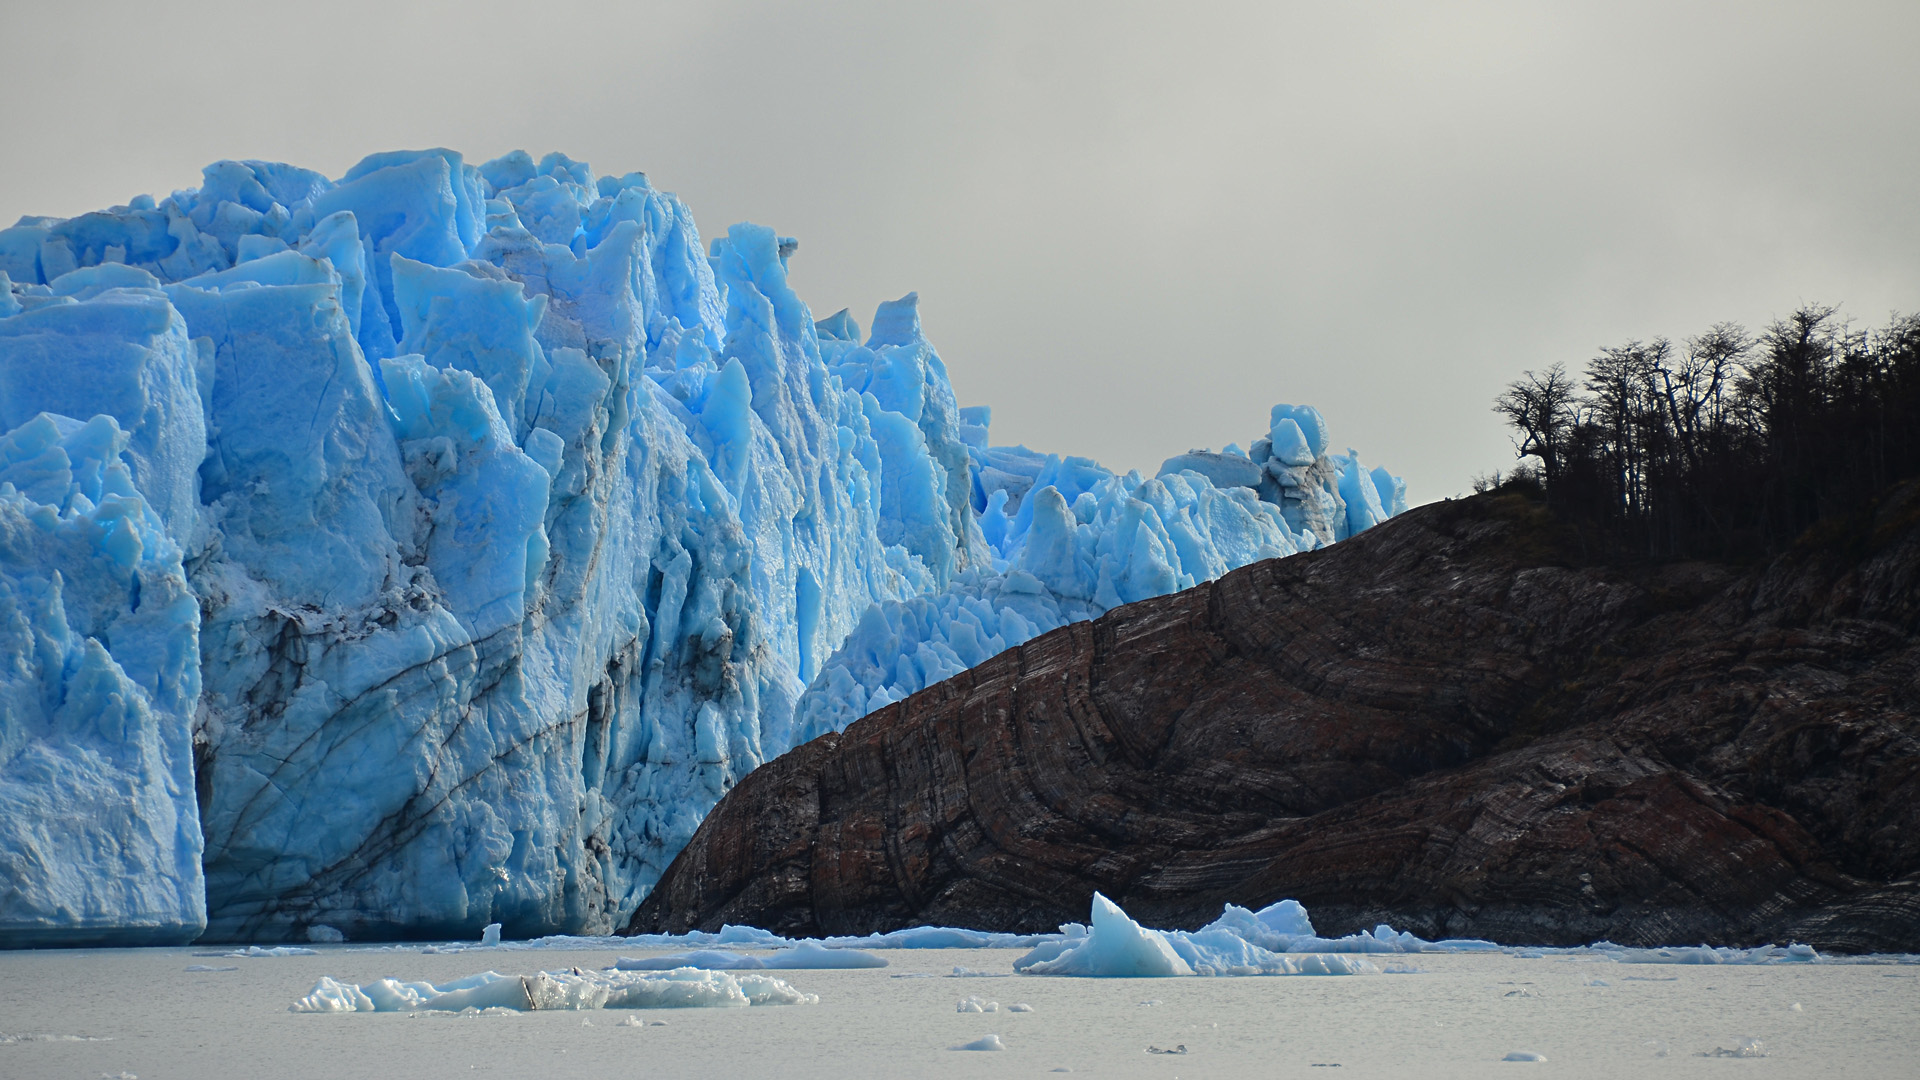 La zona sur patagónica incluye las cuencas del río Deseado y los lagos Buenos Aires y Pueyrredón, hasta las cuencas del río Gallegos y río Chico en la provincia de Santa Cruz (Foto del Glaciar Perito Moreno)